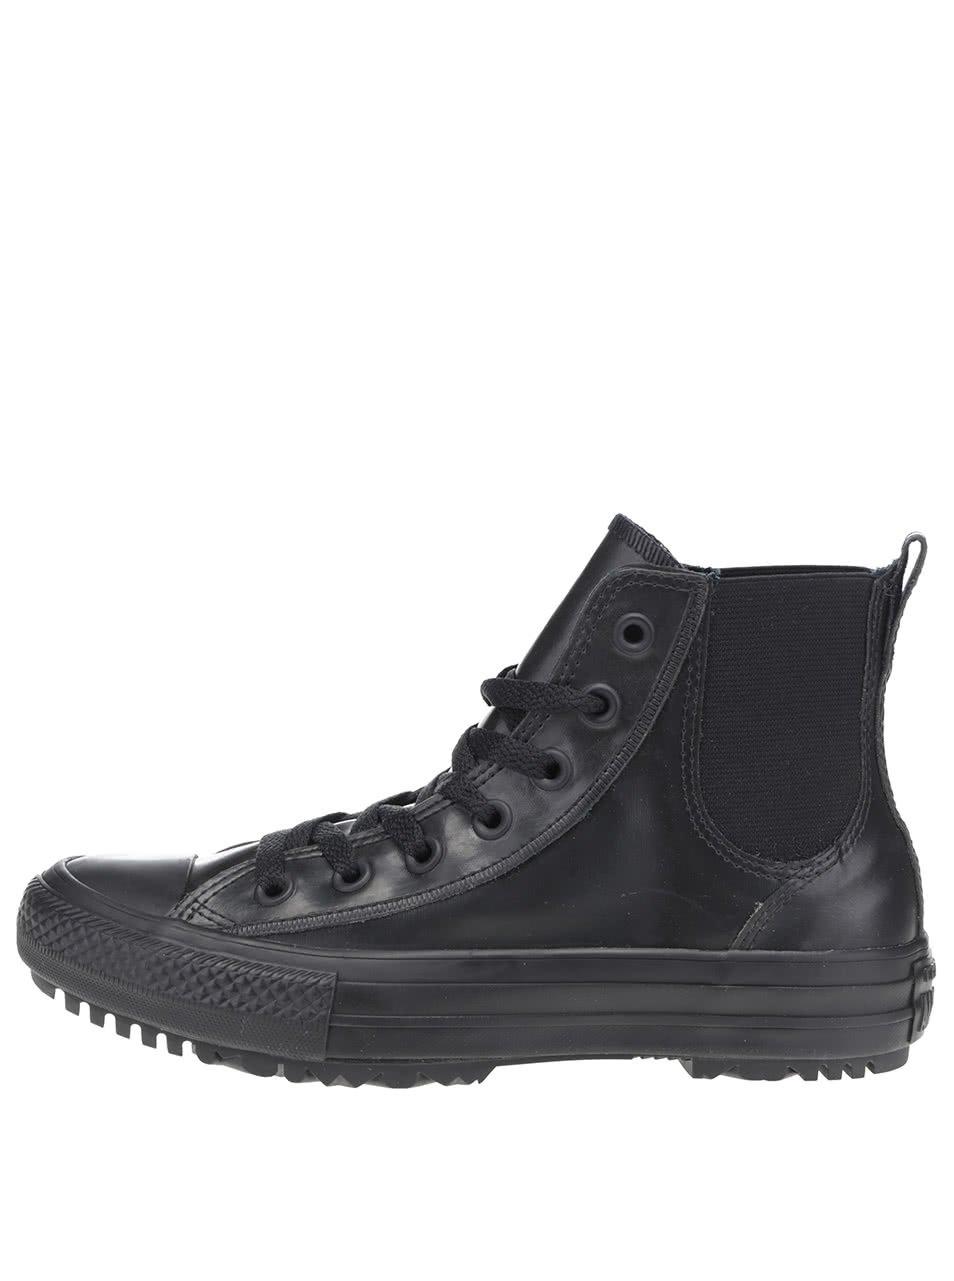 Černé dámské kotníkové tenisky Converse Chuck Taylor All Star Chelsea Boot